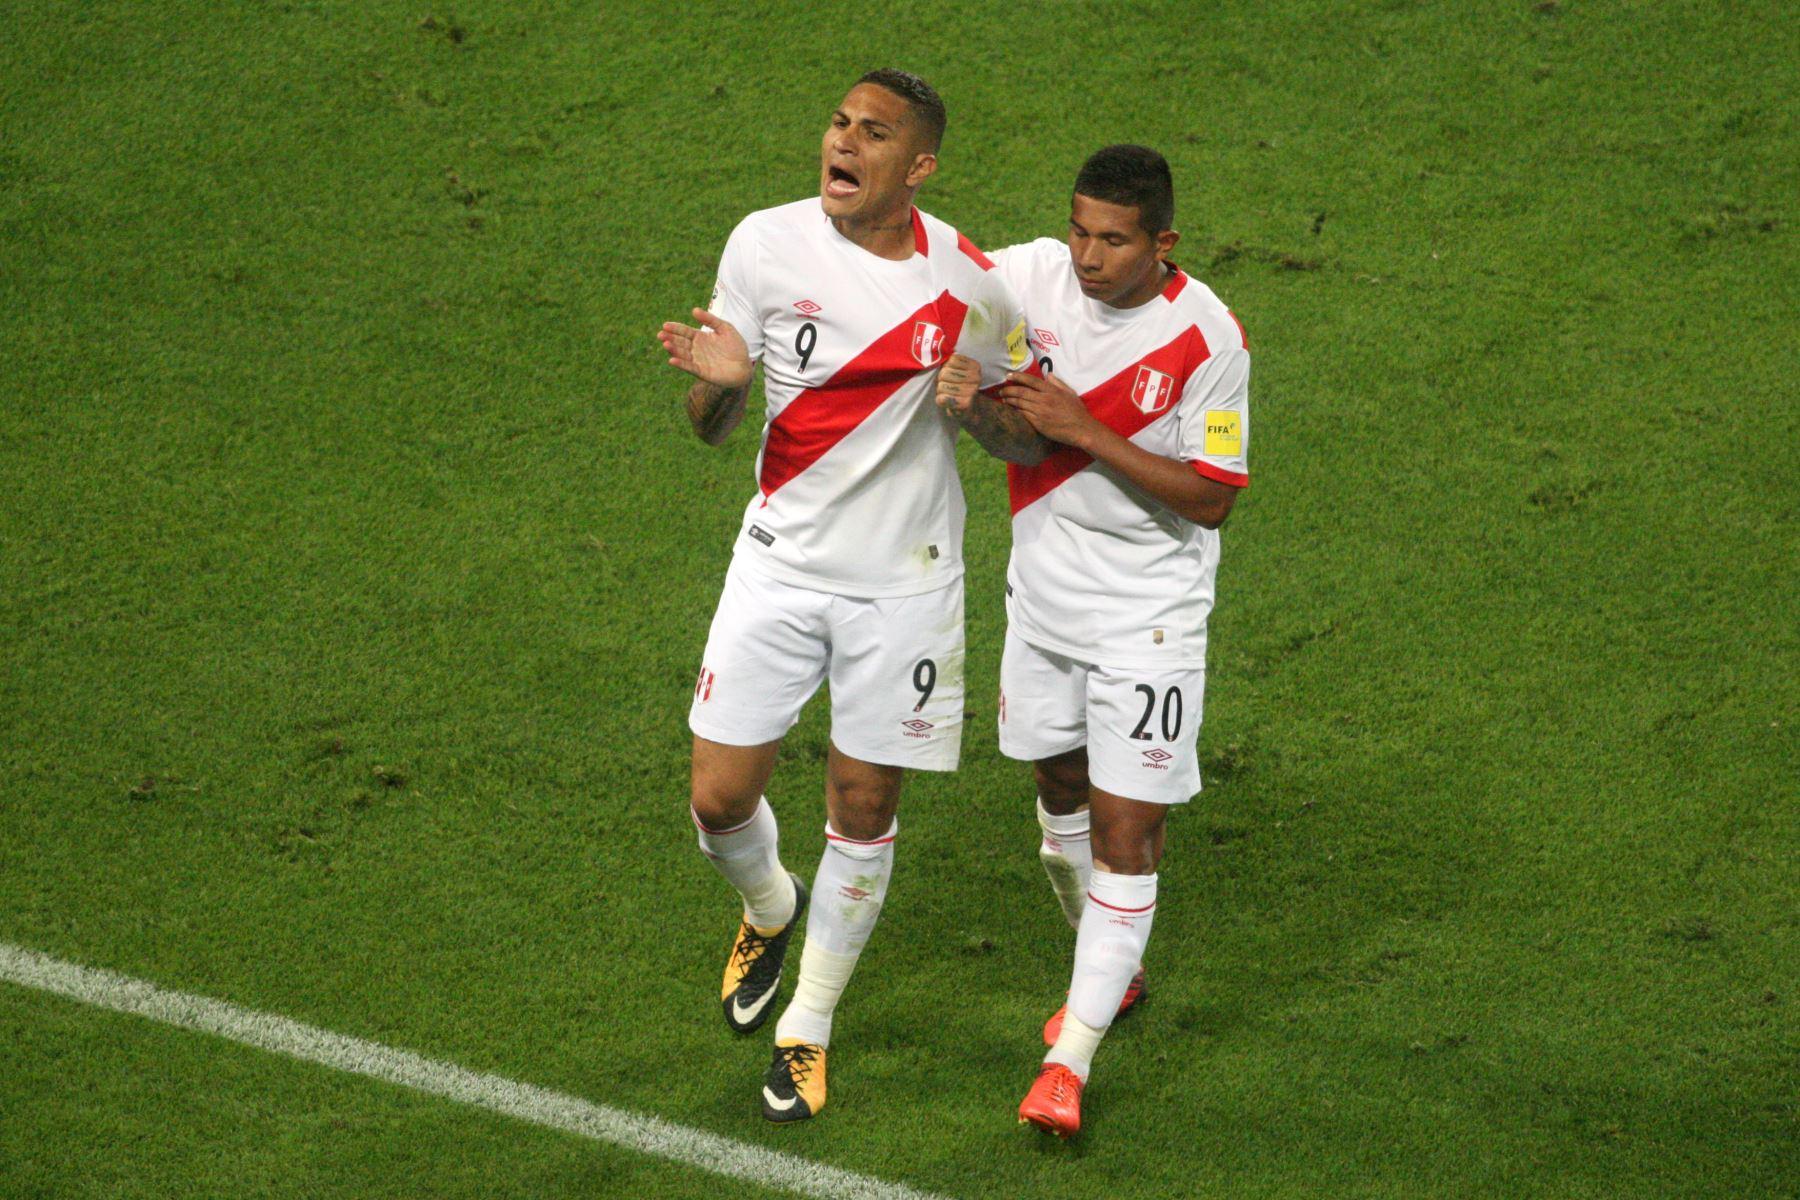 Paolo Guerrero tras convertir su gol / Foto: ANDINA/Juan Carlos Guzmán Negrini.